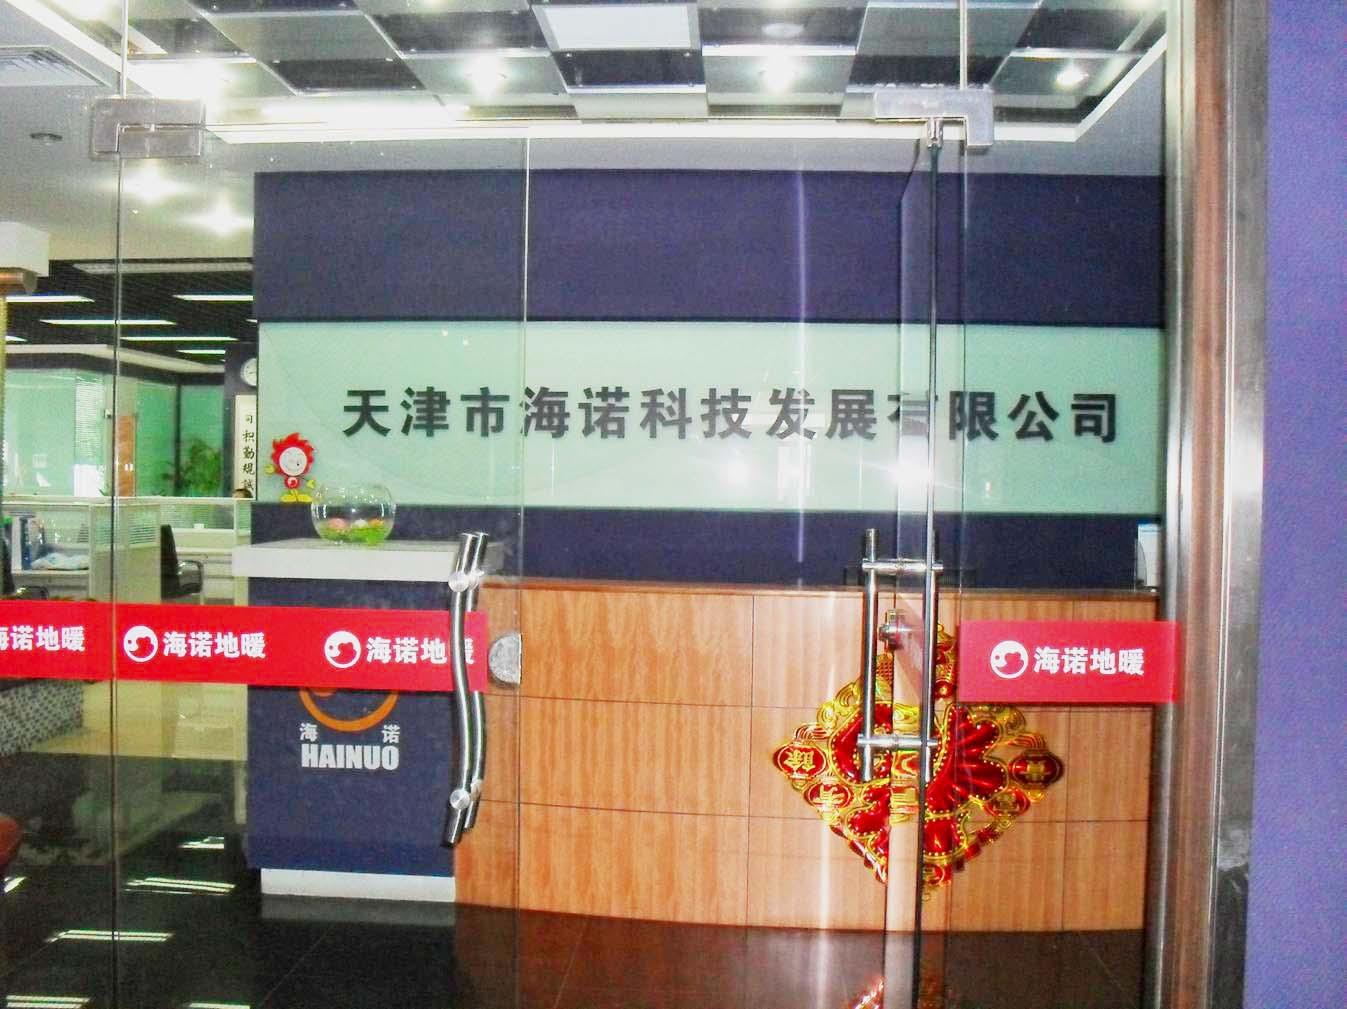 海诺天津地暖总公司